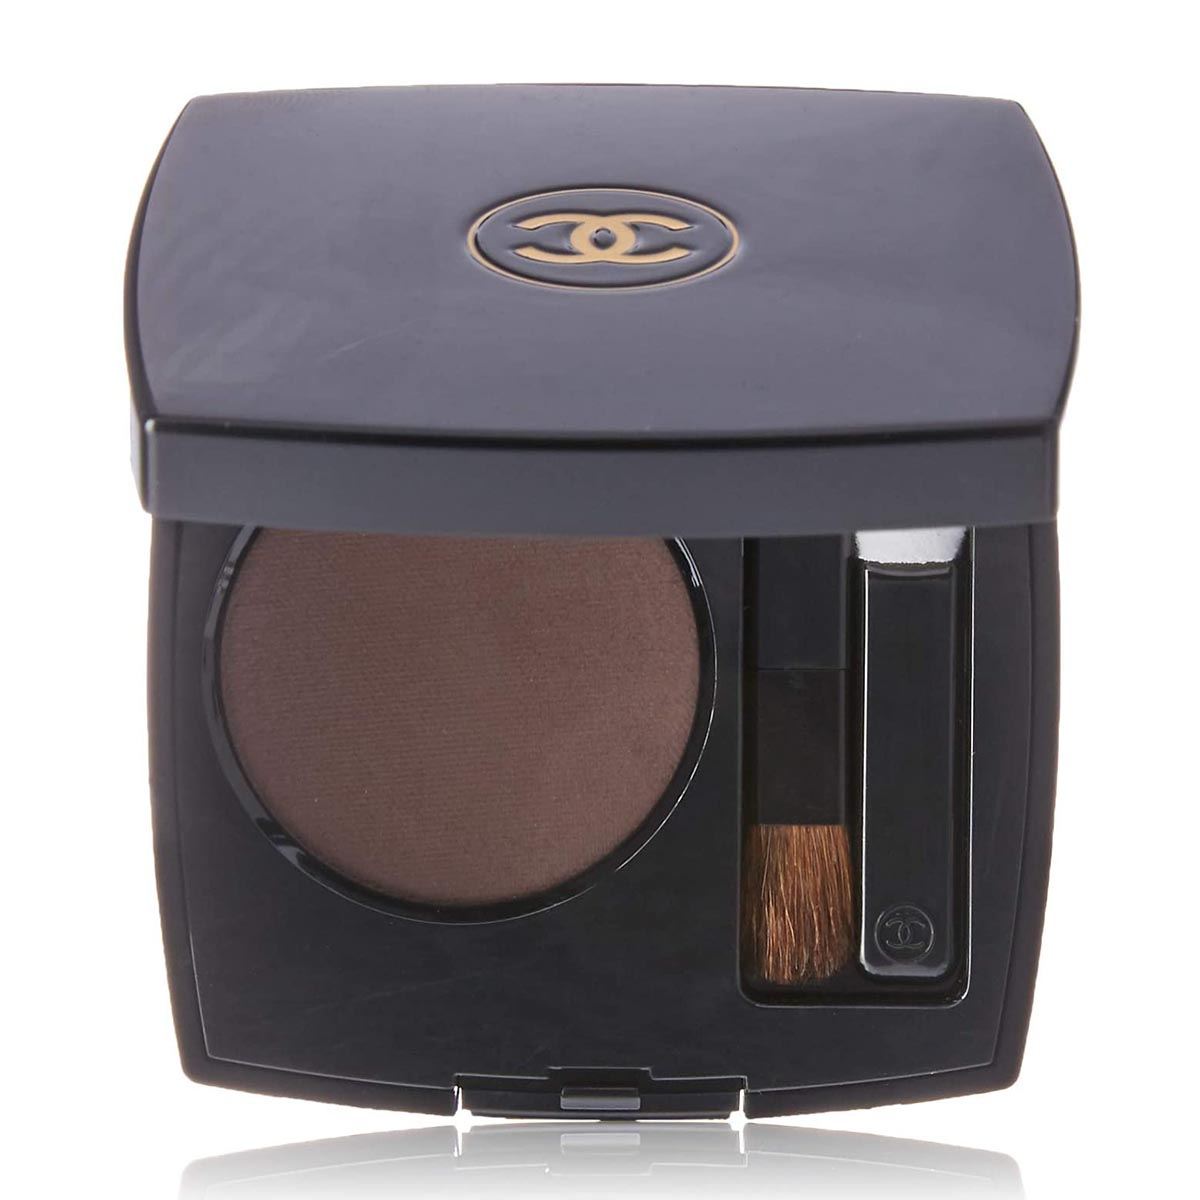 Chanel maquillaje sombra de ojos polvos 24 chocolate 1un